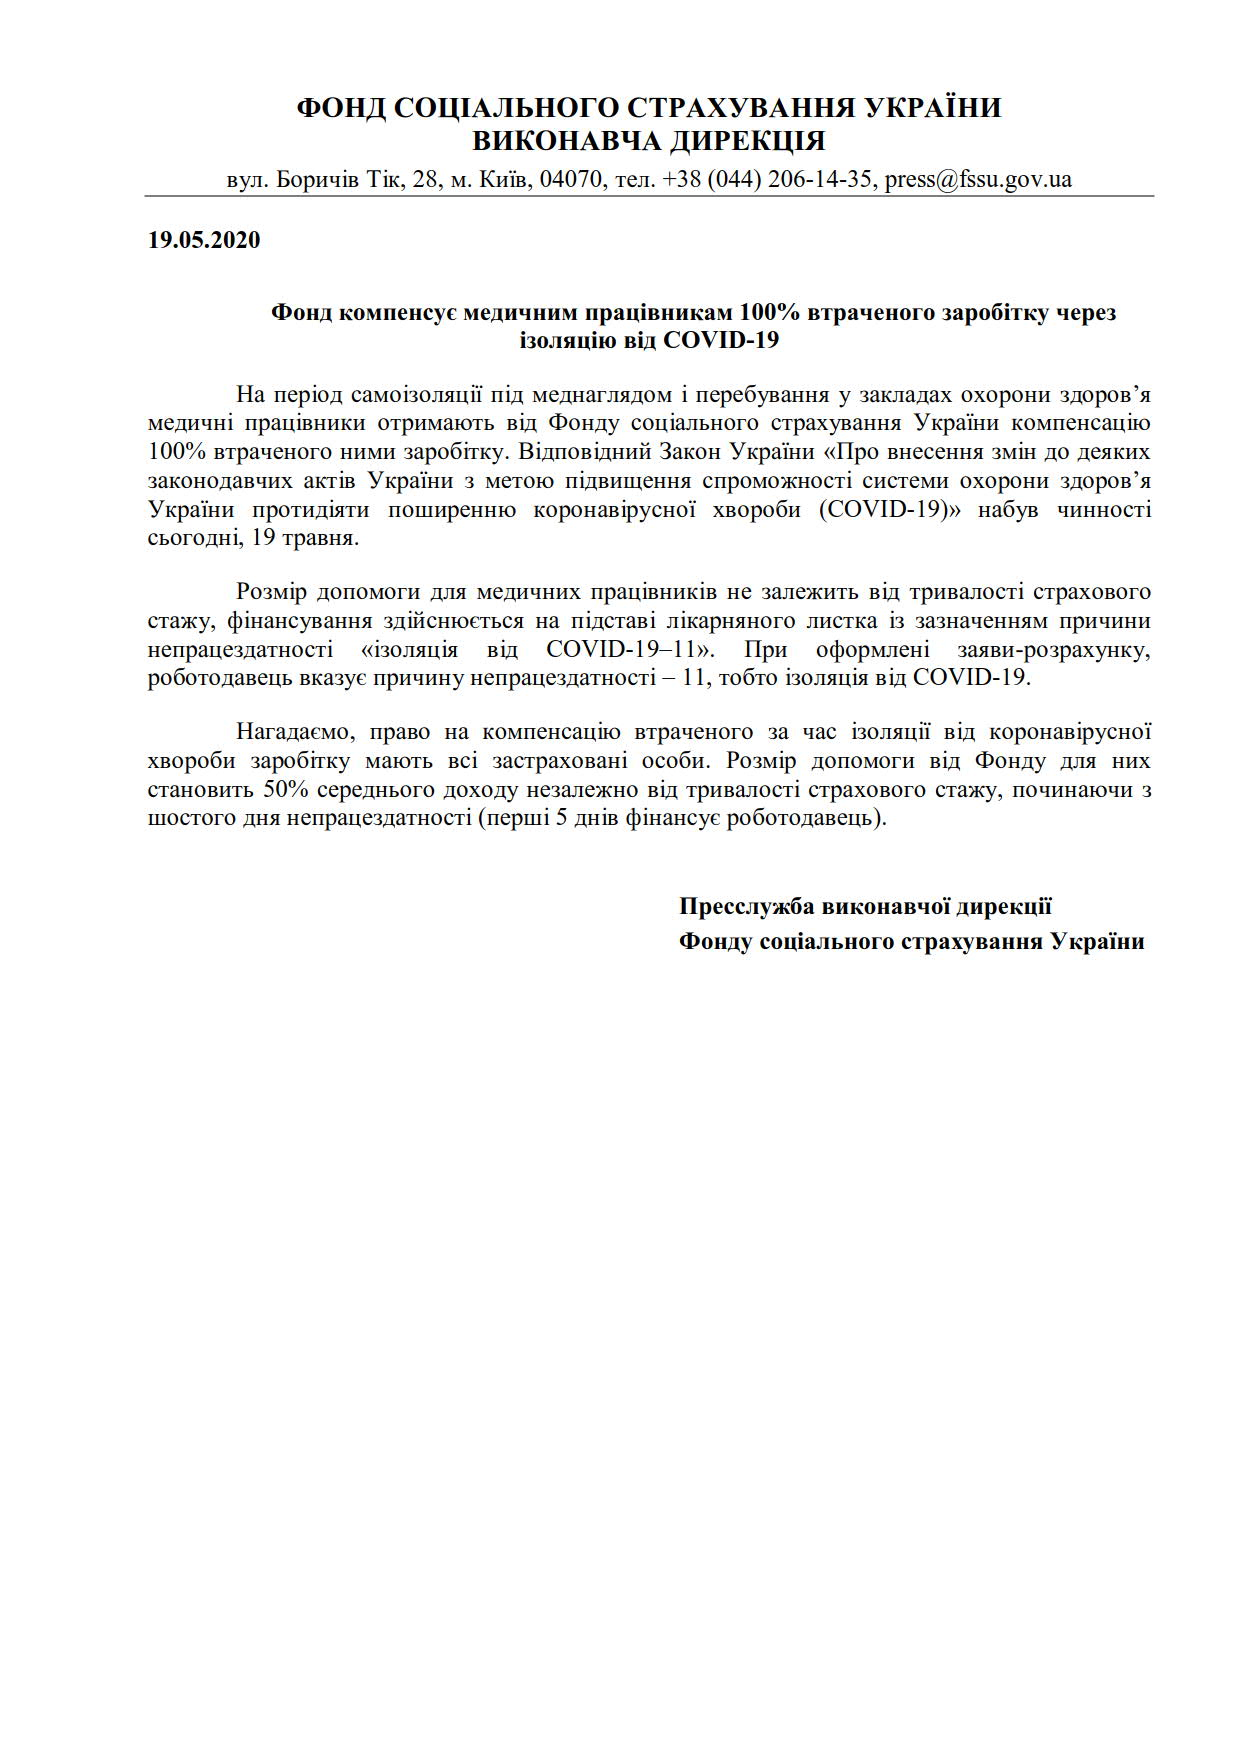 ФССУ_Допомога медпрацівникам_1